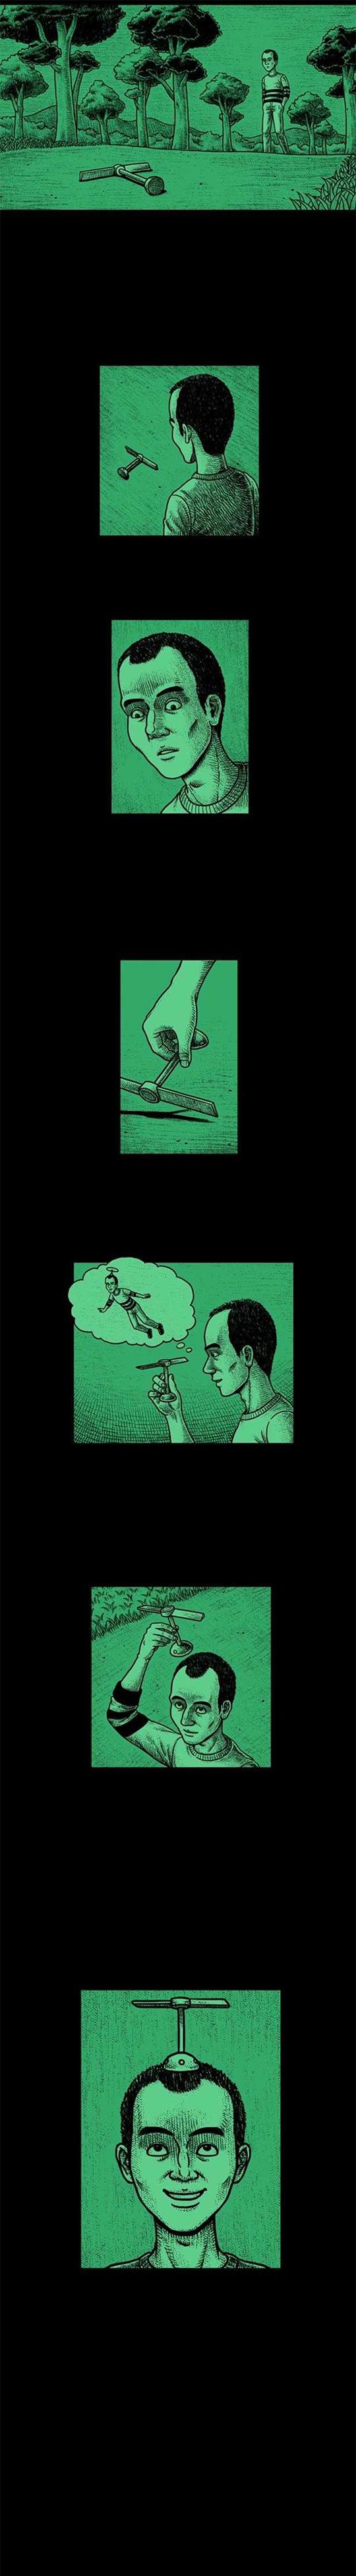 Truyện kinh dị: Chong chóng tre của Đô rê mon